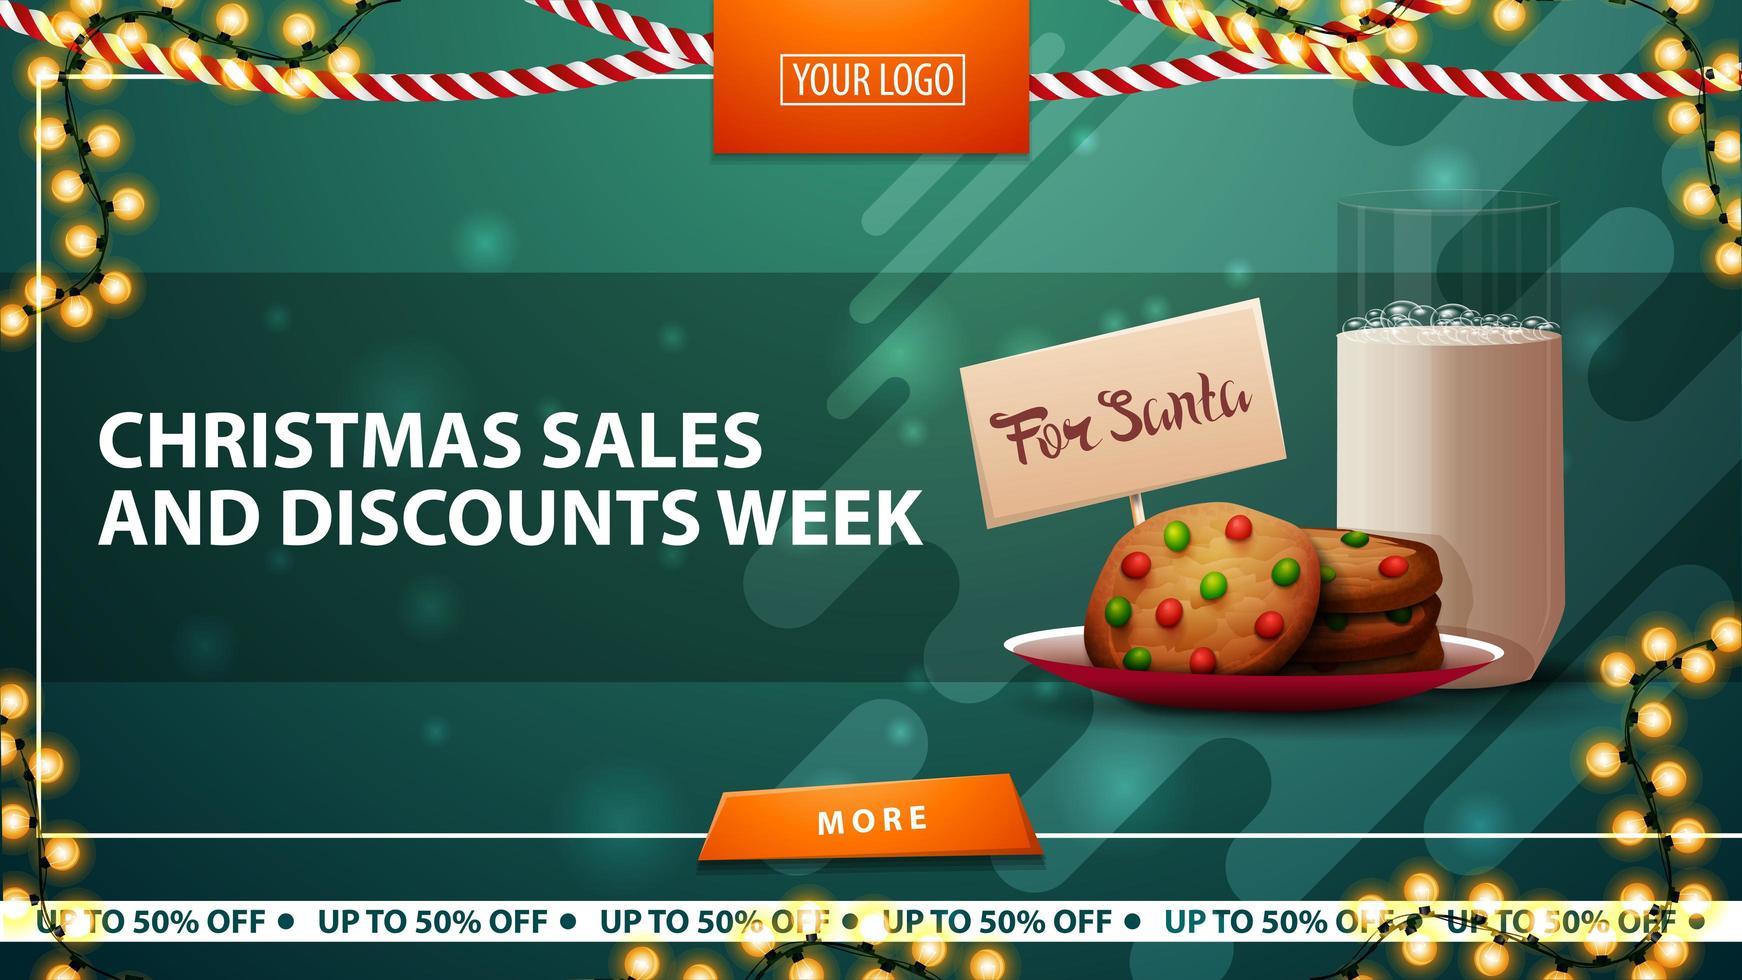 saldi natalizi e settimana di sconti, banner verde orizzontale con ghirlande, bottone arancione e biscotti con un bicchiere di latte per babbo natale vettore